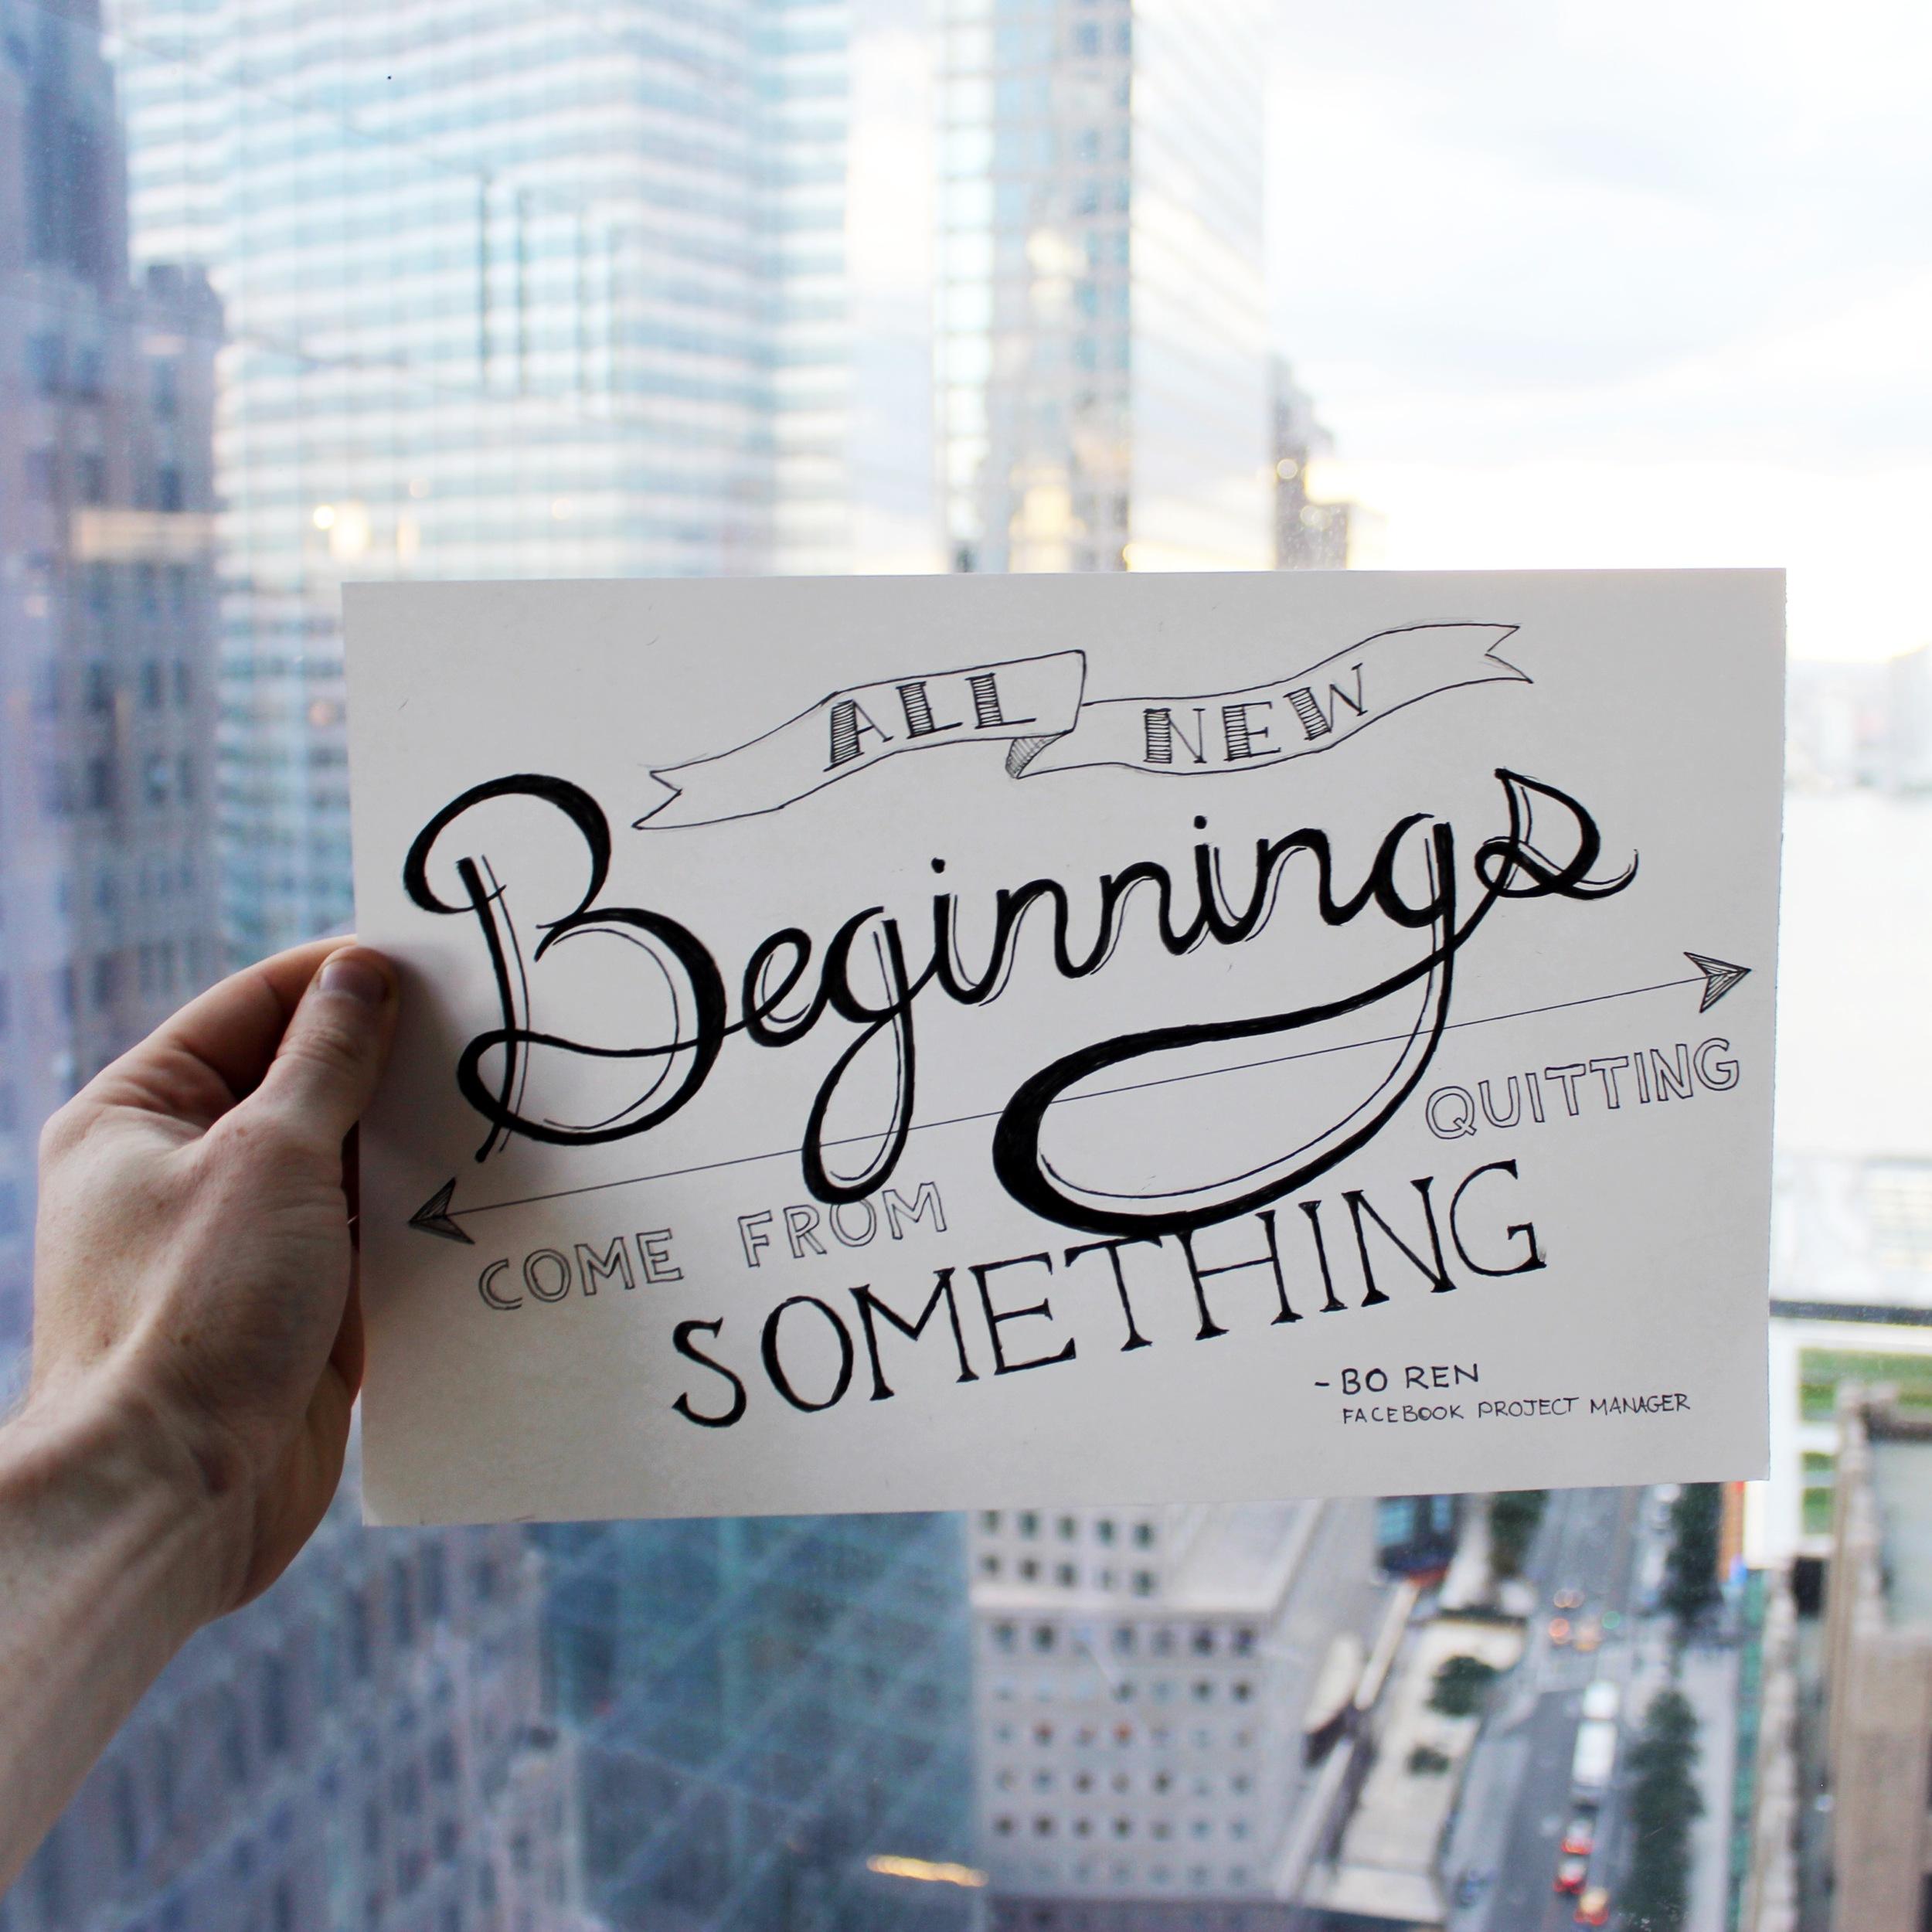 All New Beginnings